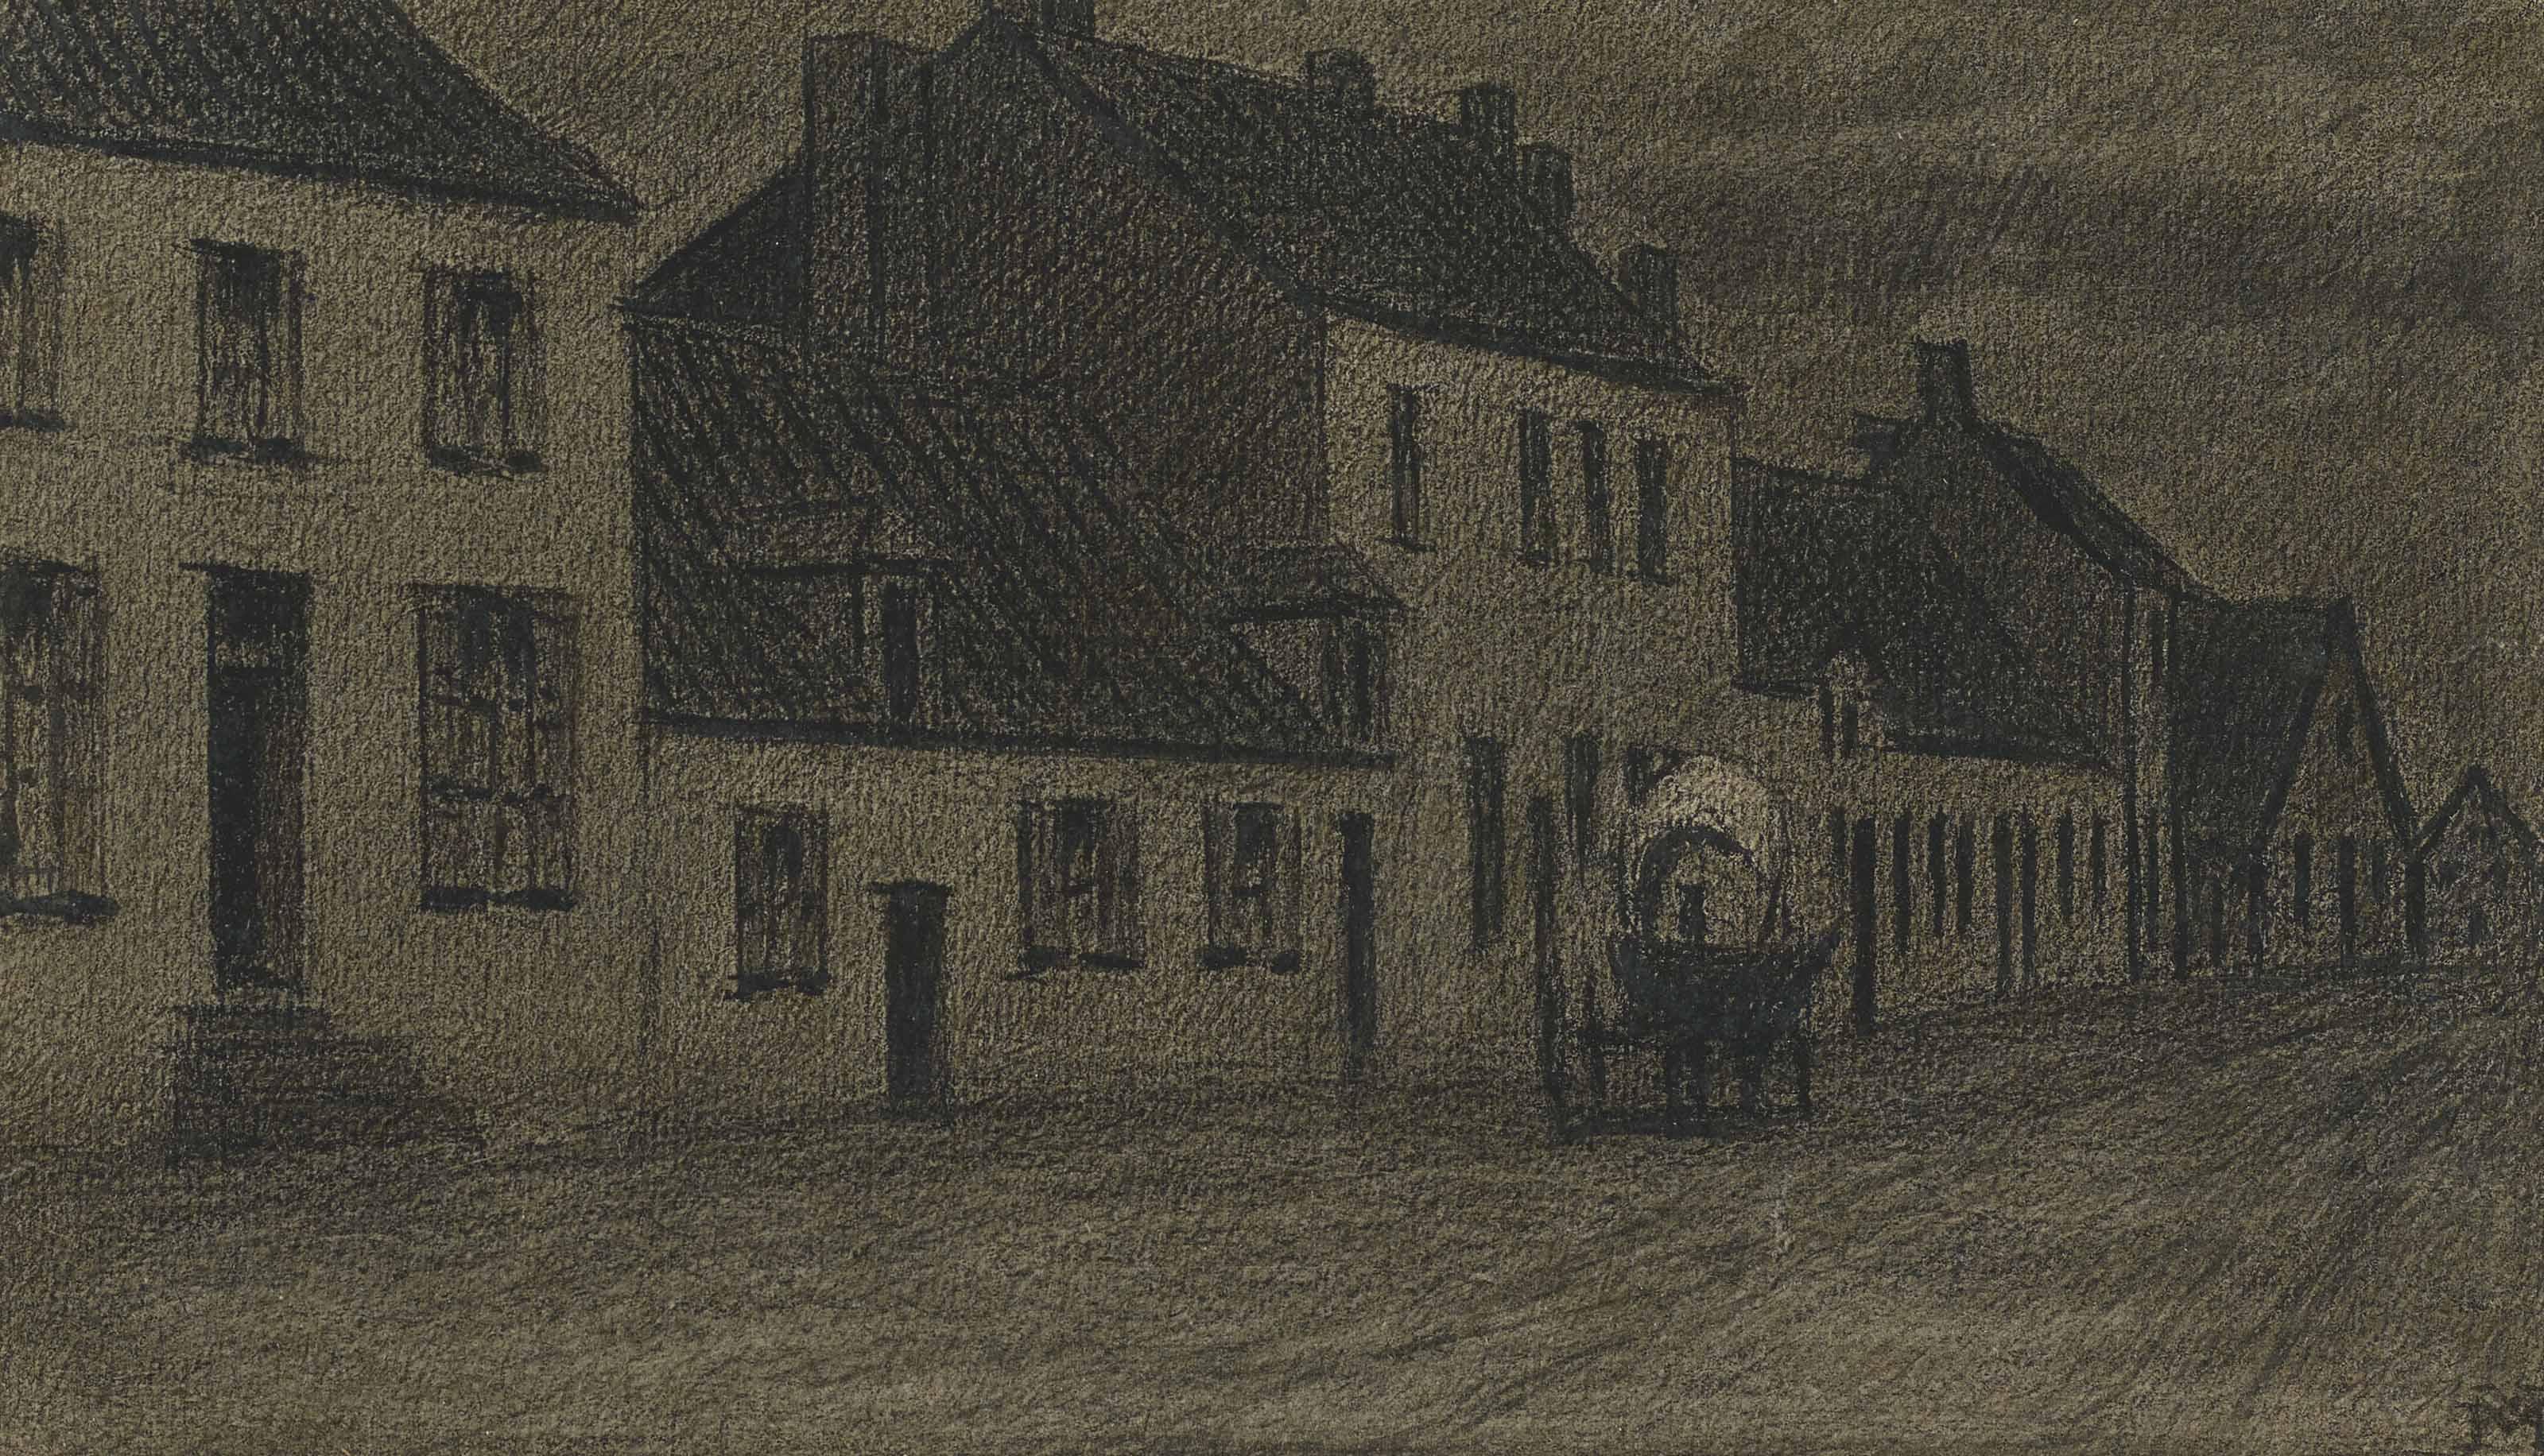 Calèche traversant une rue bordée de maisons